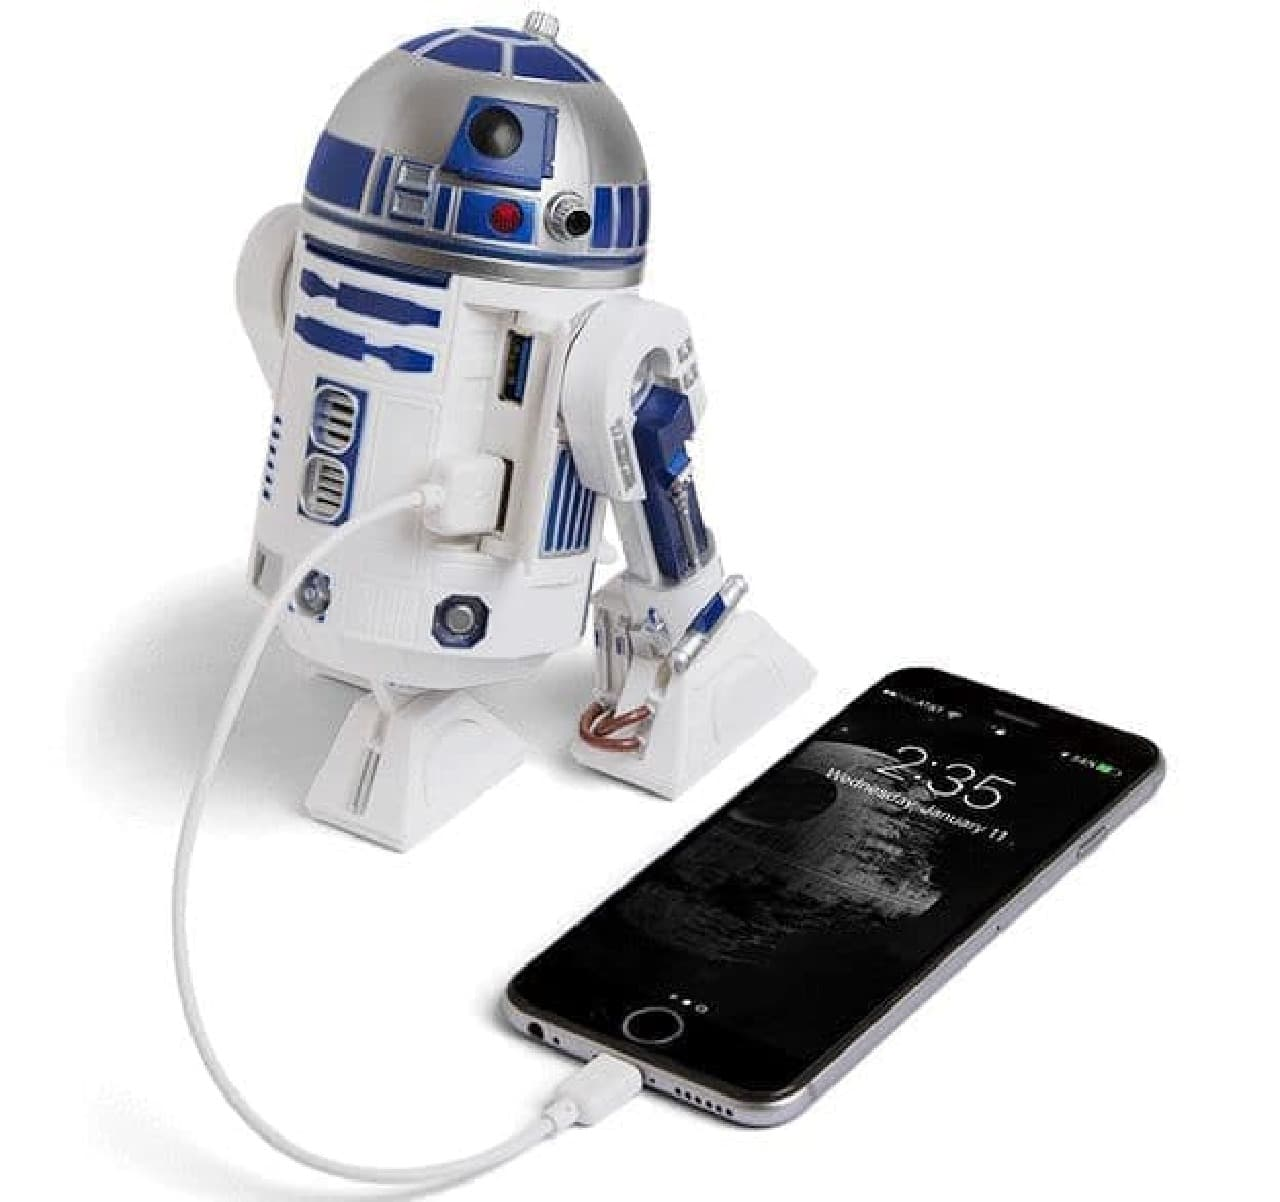 R2-D2型のUSB 3.0ハブはいかが?…「R2-D2 USB 3.0 Charging Hub」